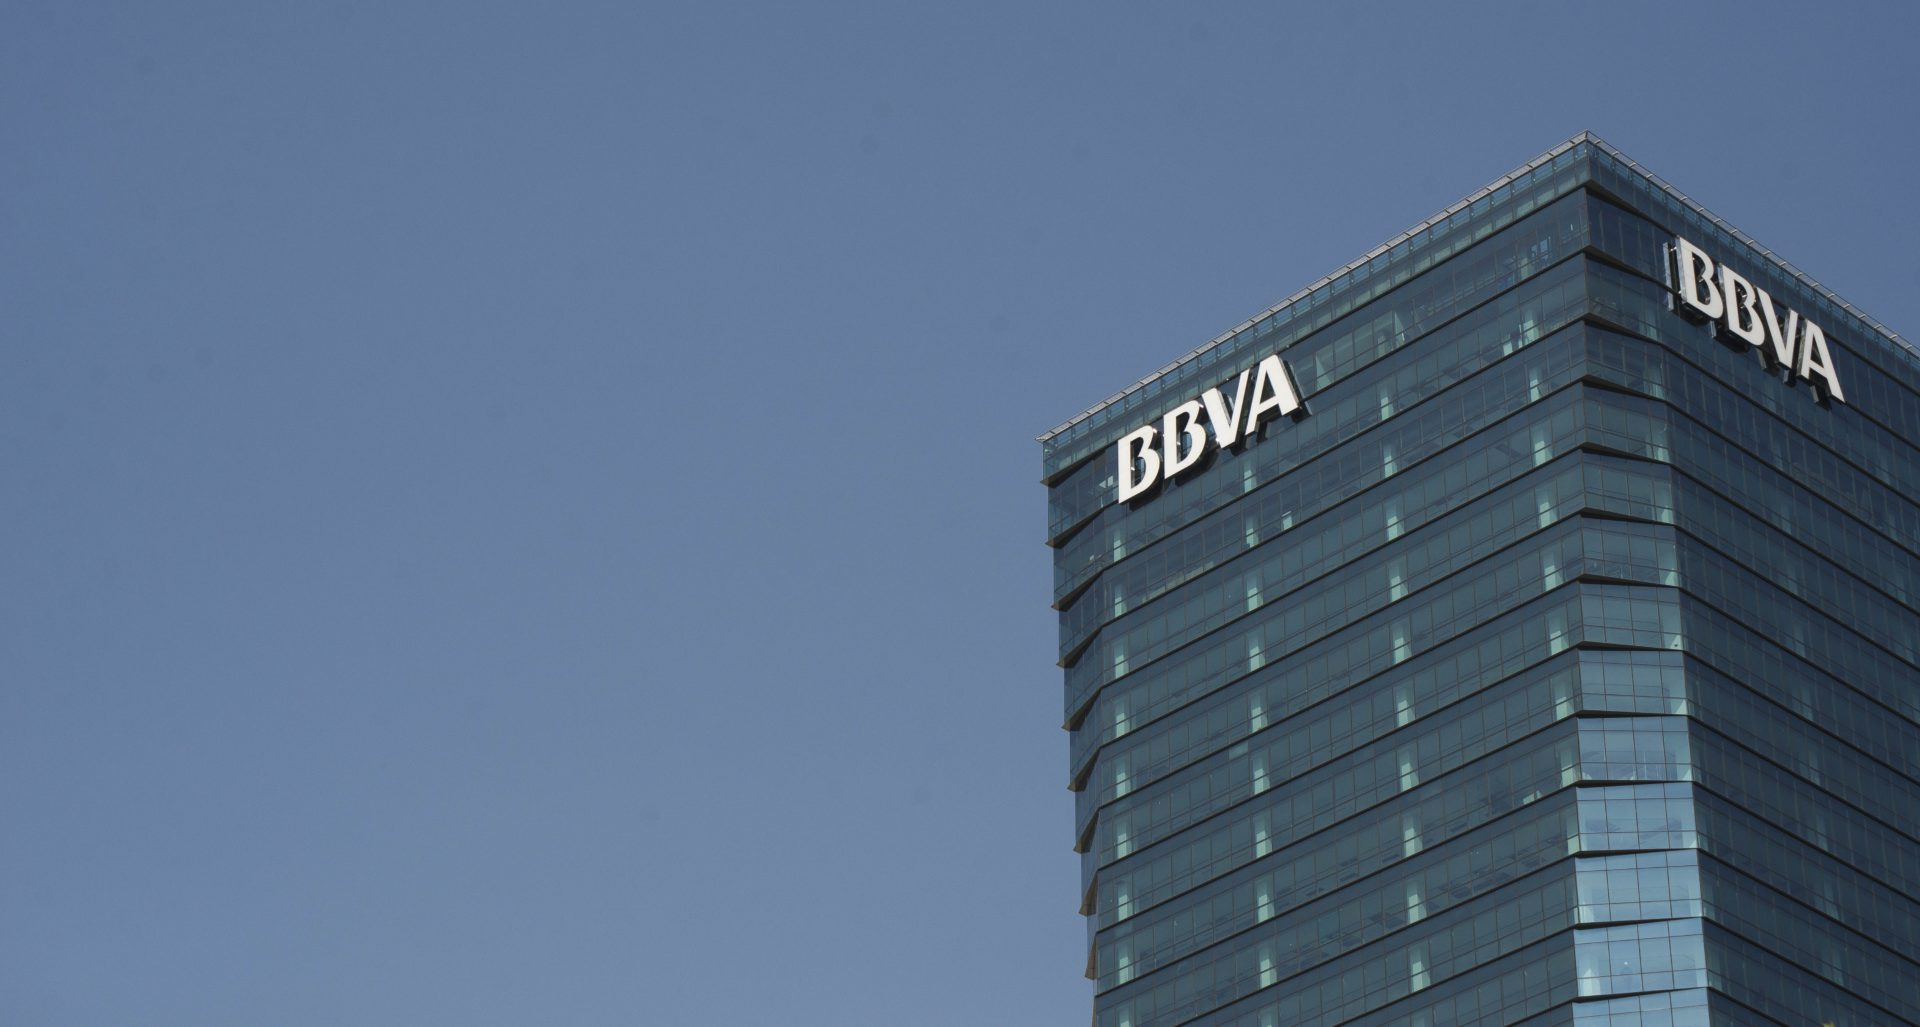 Fotografía de Torre BBVA Francés